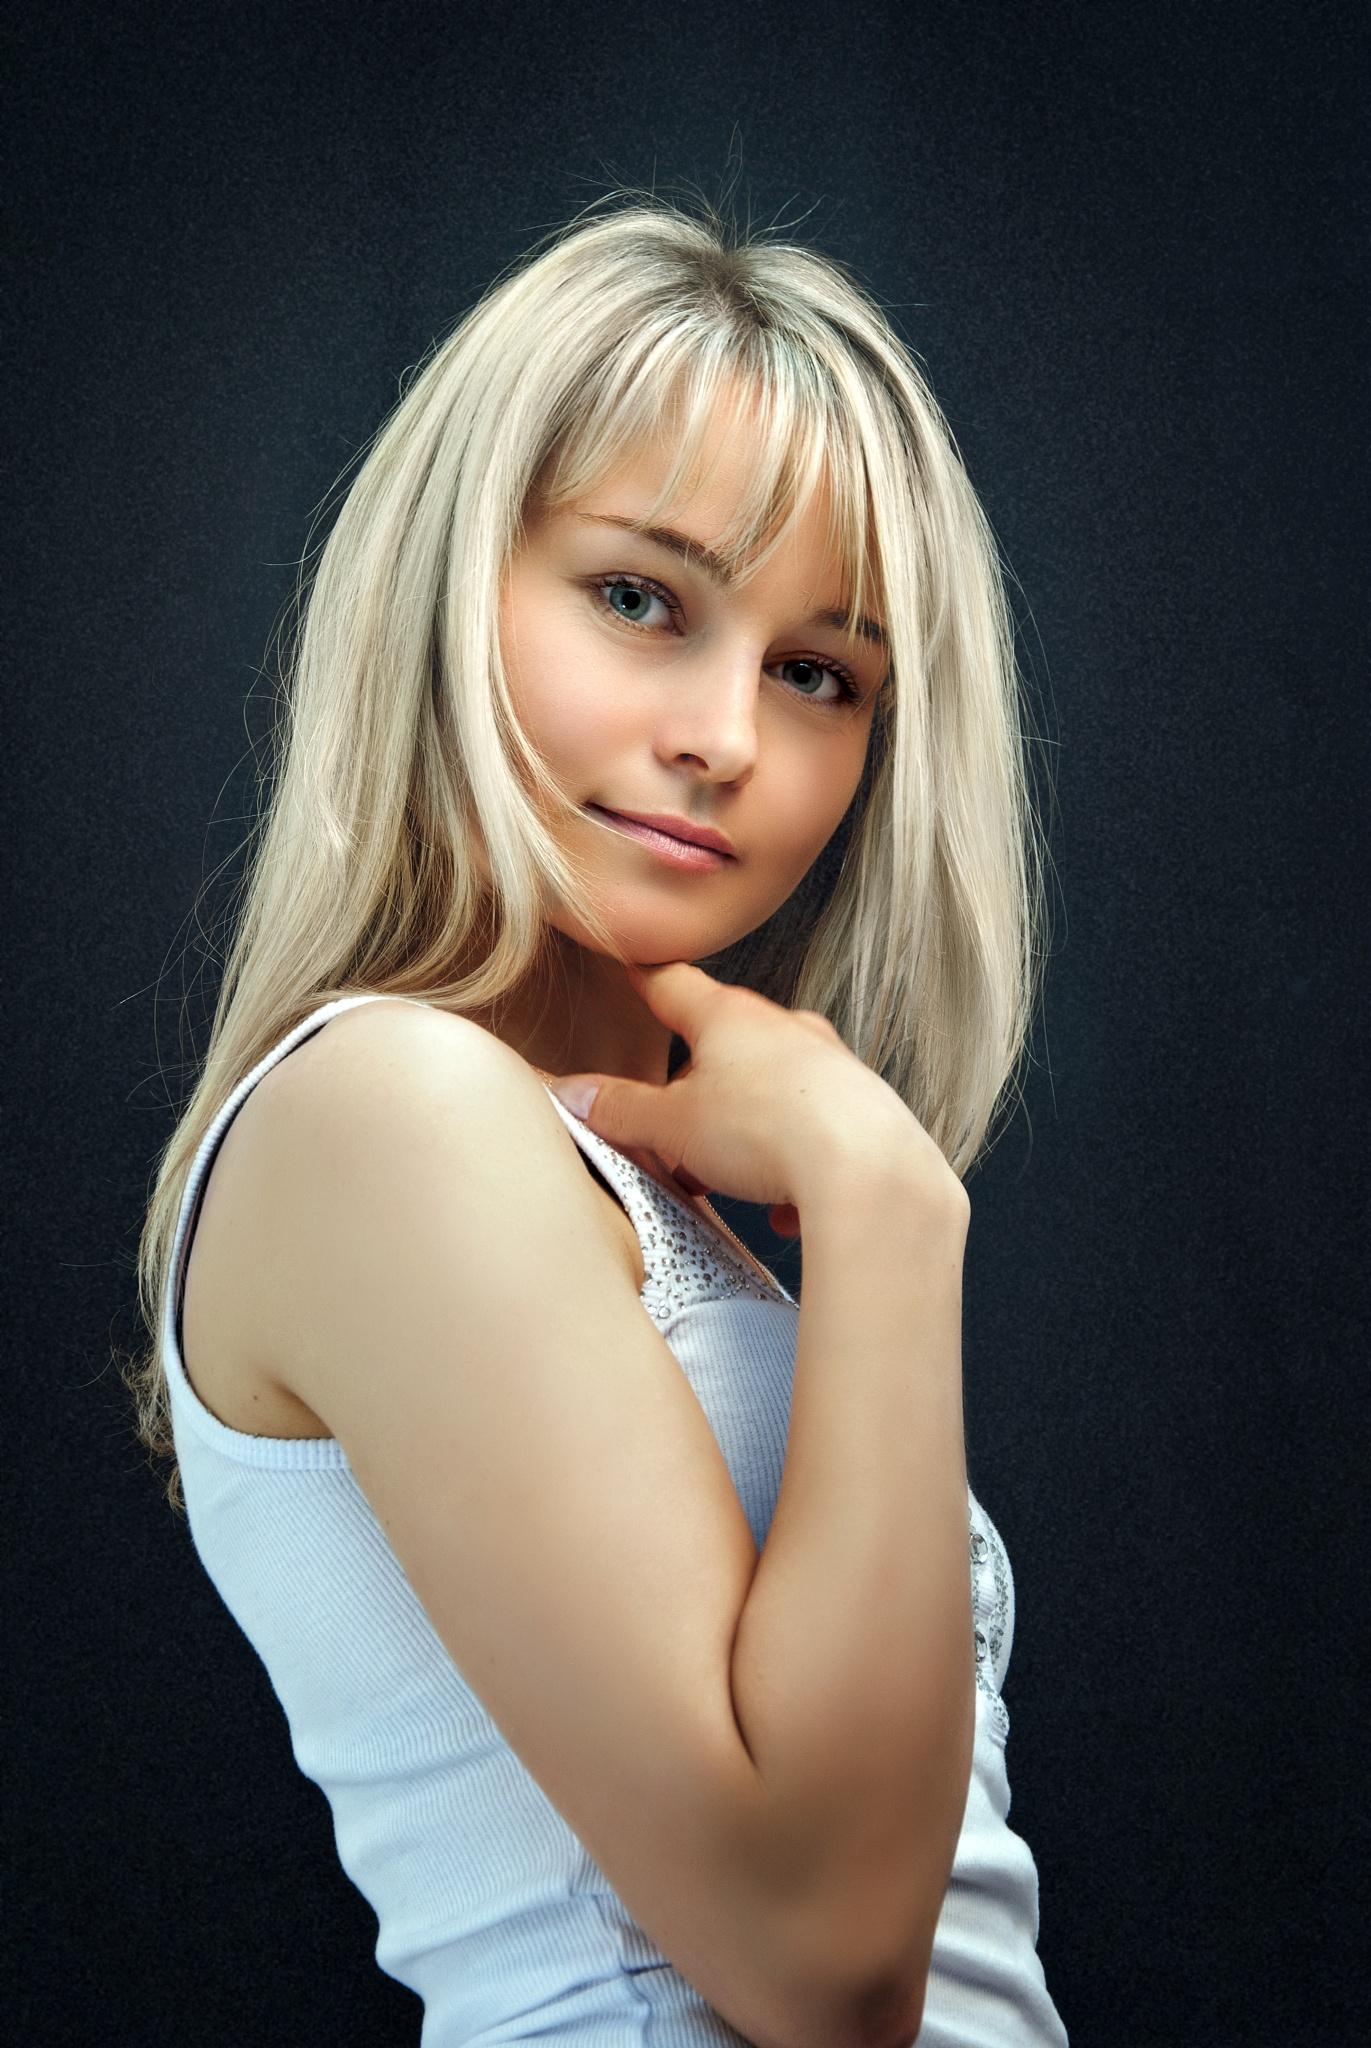 Irina by Sergey